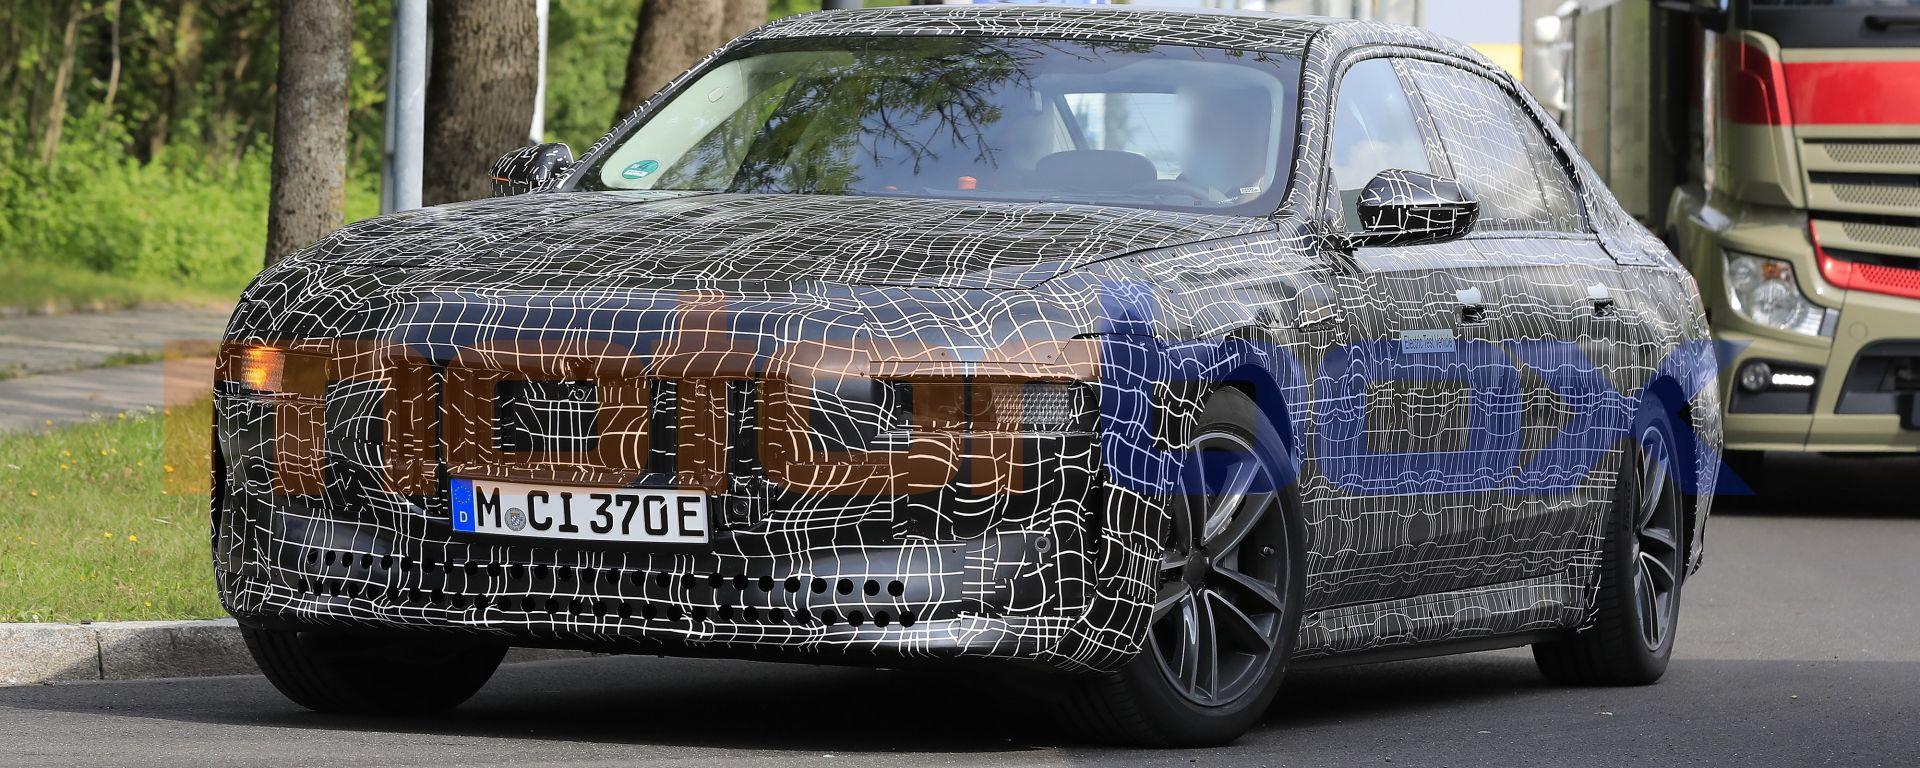 BMW i7, la versione elettrica della BMW Serie 7, sotto, sarà tutta diversa